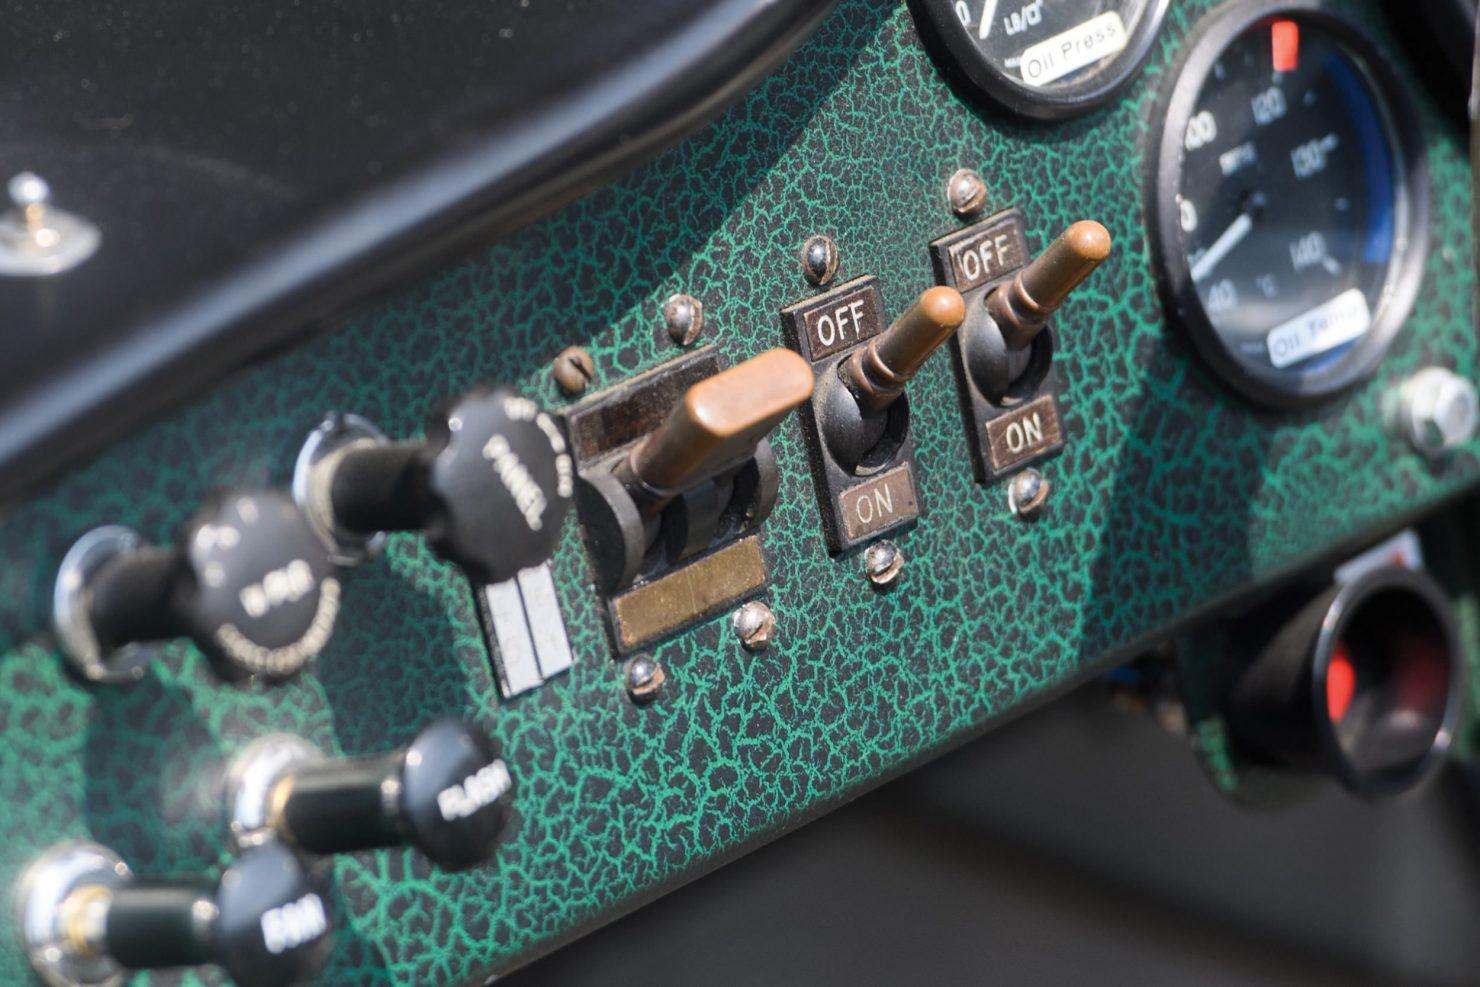 aston martin dbr1 17 1480x987 - 1956 Aston Martin DBR1